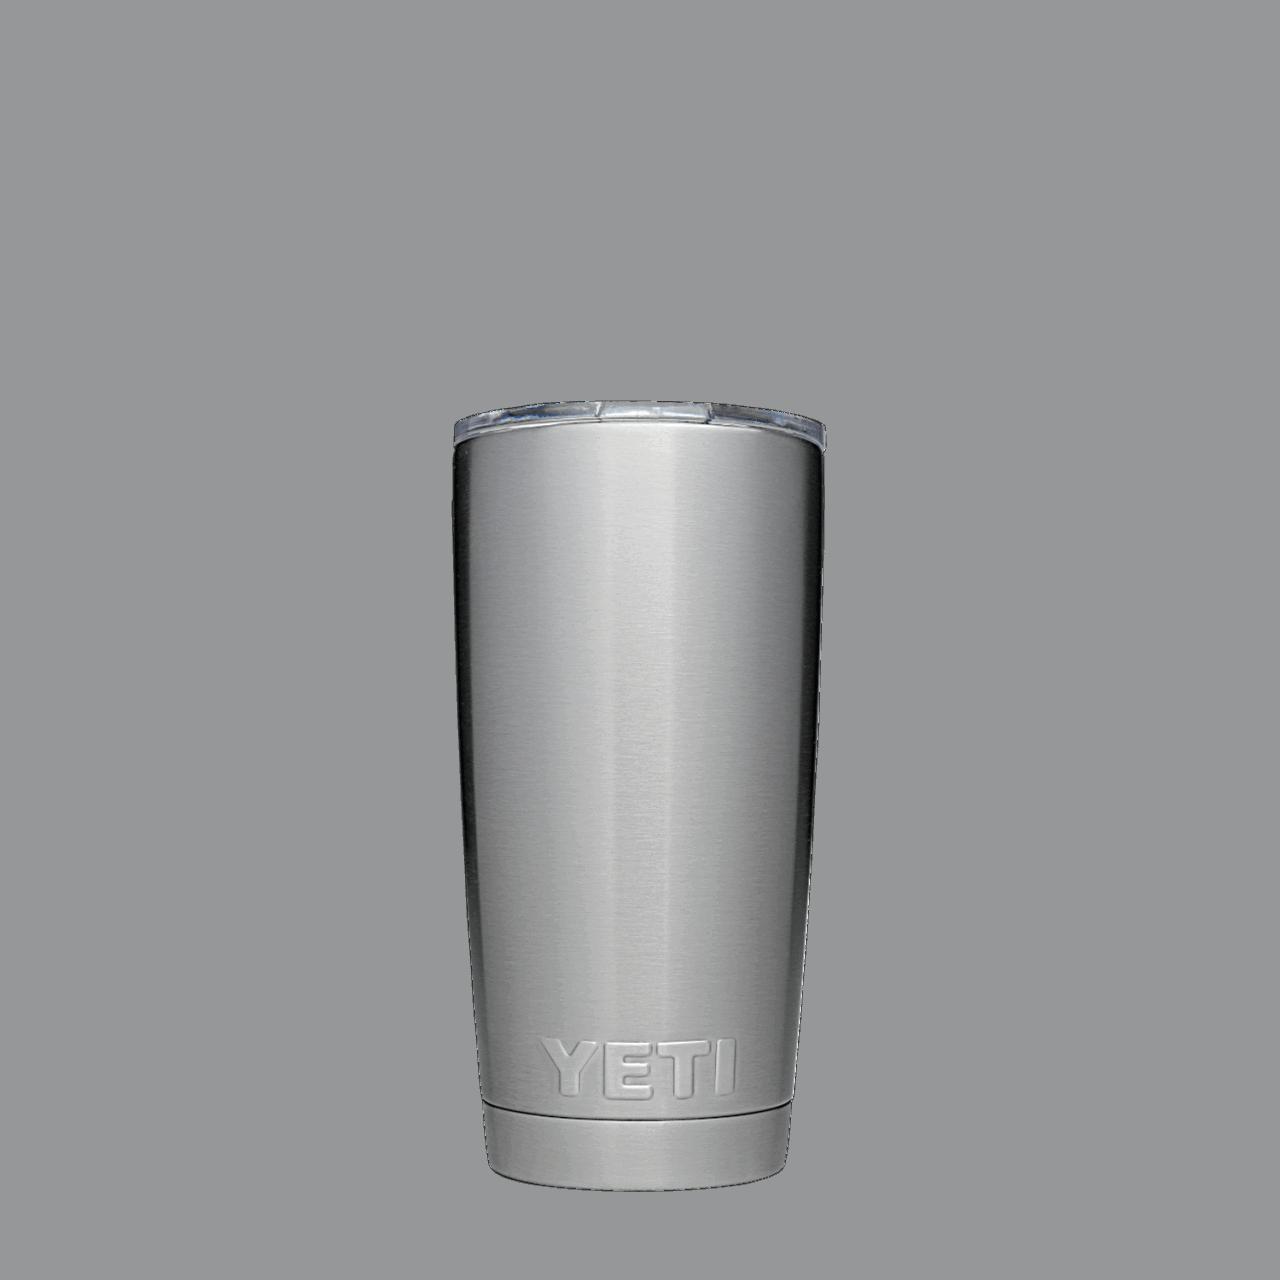 YETI Rambler 20 oz Becher - steel